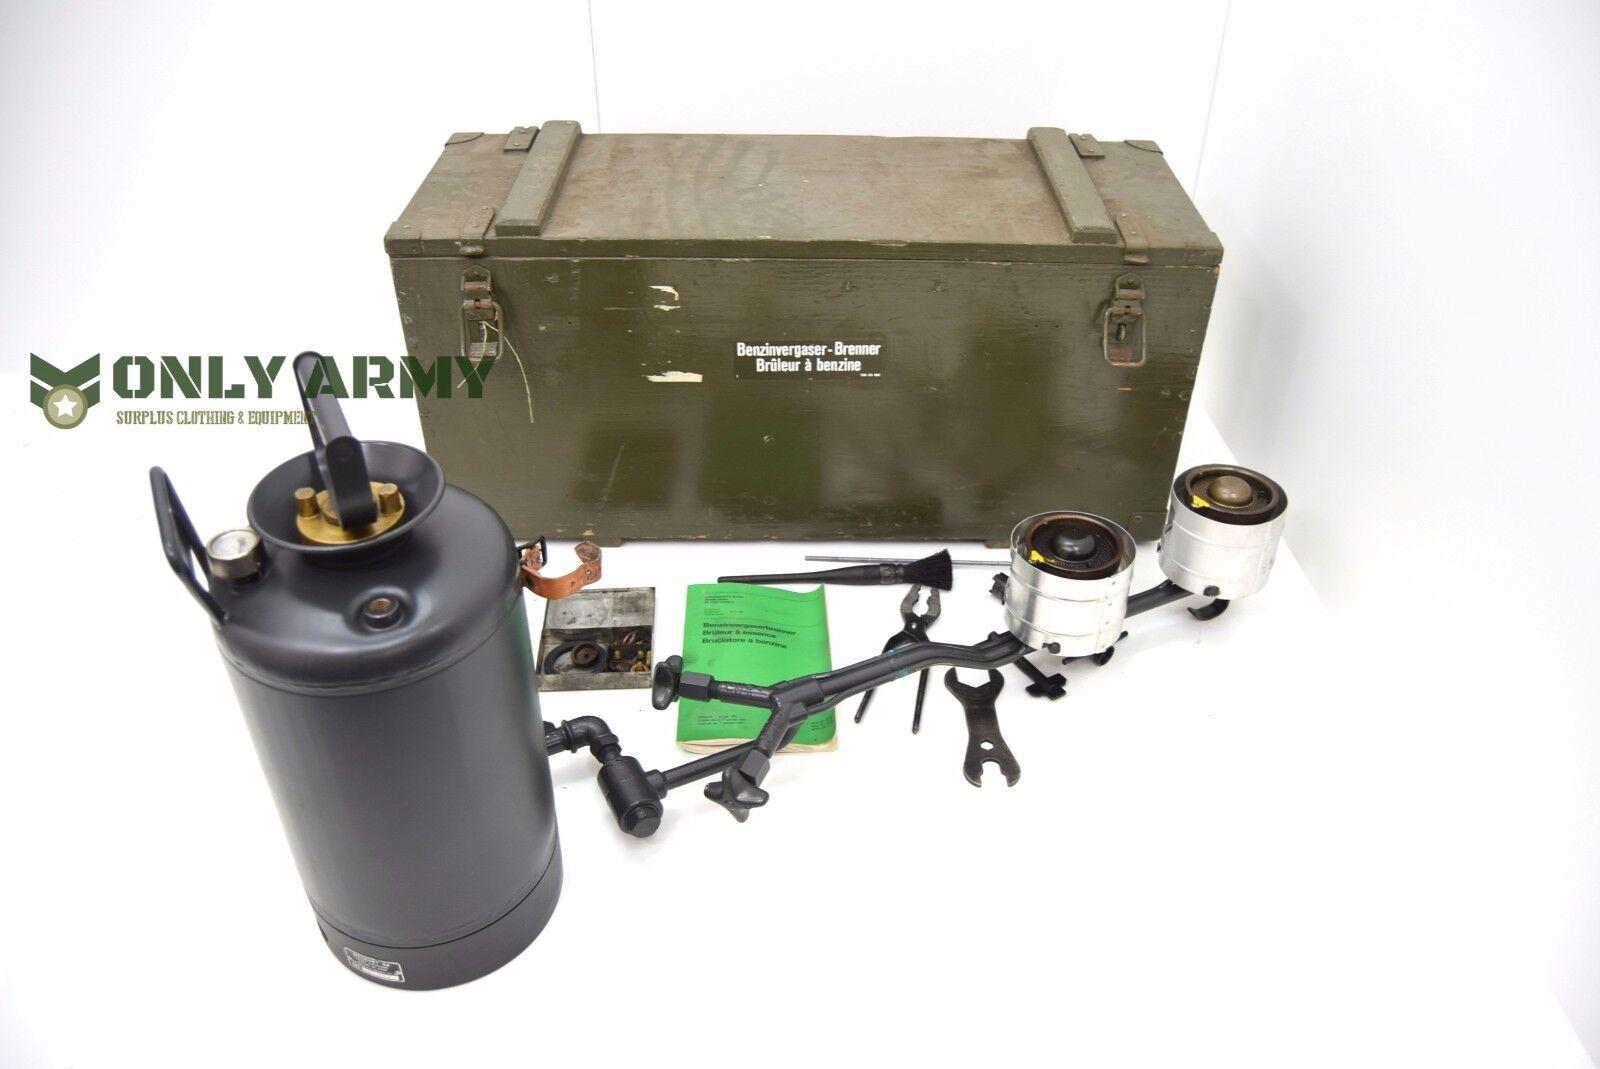 Gasherd in der Schweißer Armee Gasbrenner Gasbrenner Pressbrennstoff mit Box